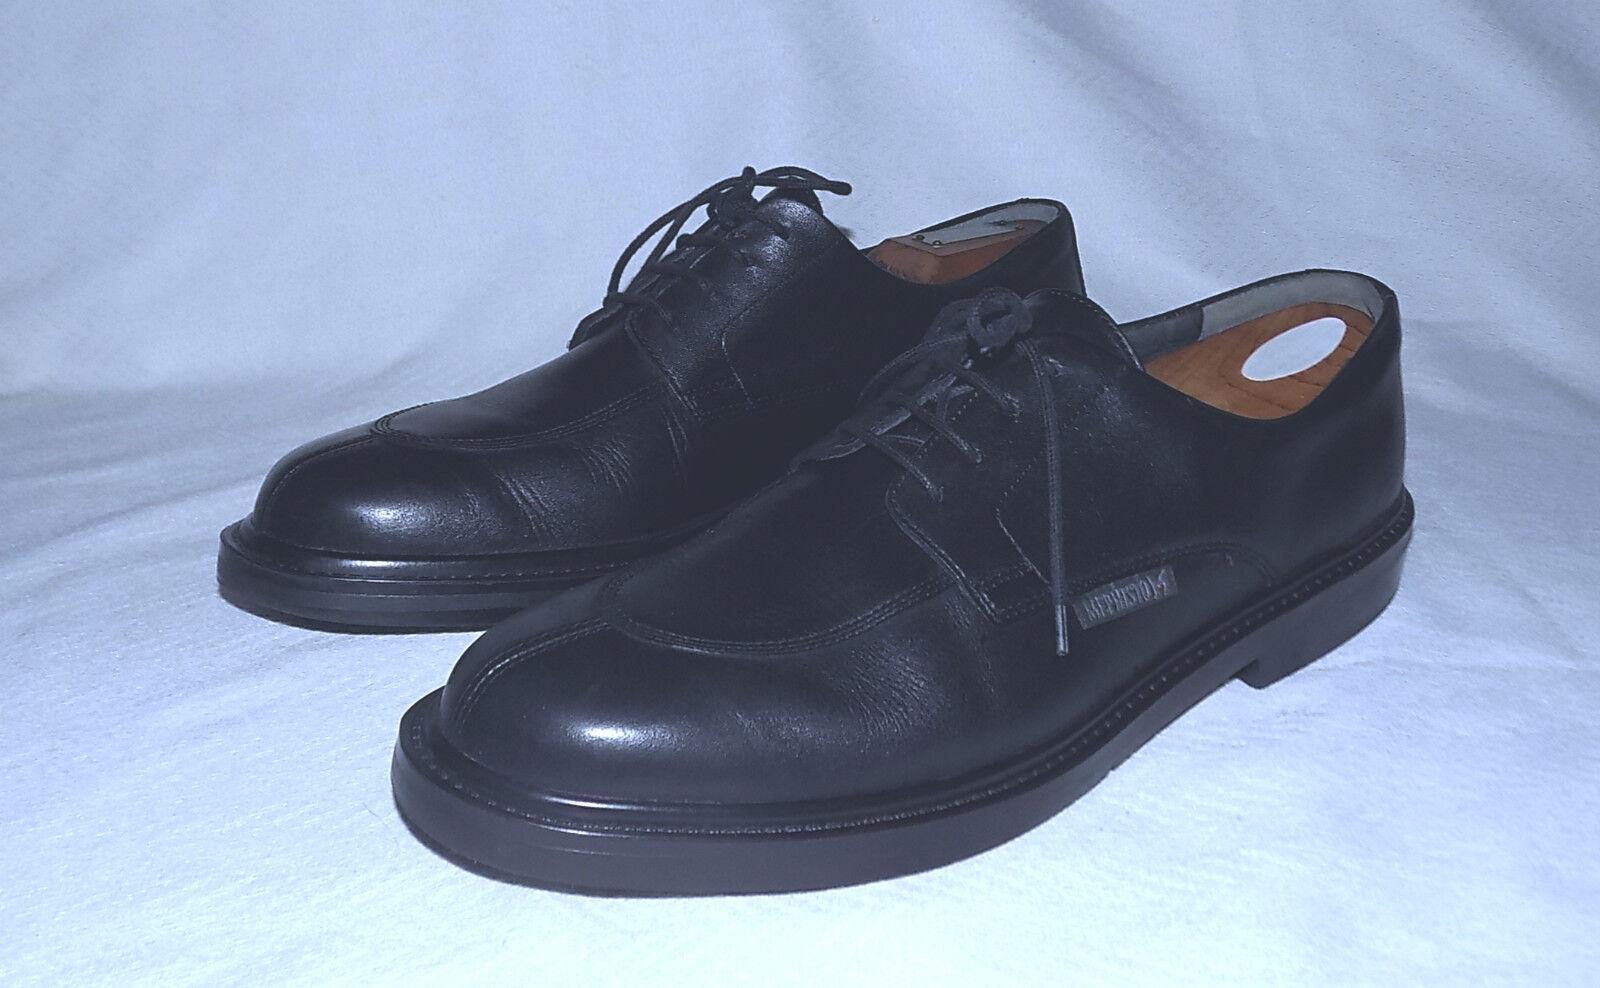 negozio online MEPHISTO Genuine Leather comfort Rubber sole Dress scarpe-Dimensione scarpe-Dimensione scarpe-Dimensione 11M Usa-nero-Good  economico